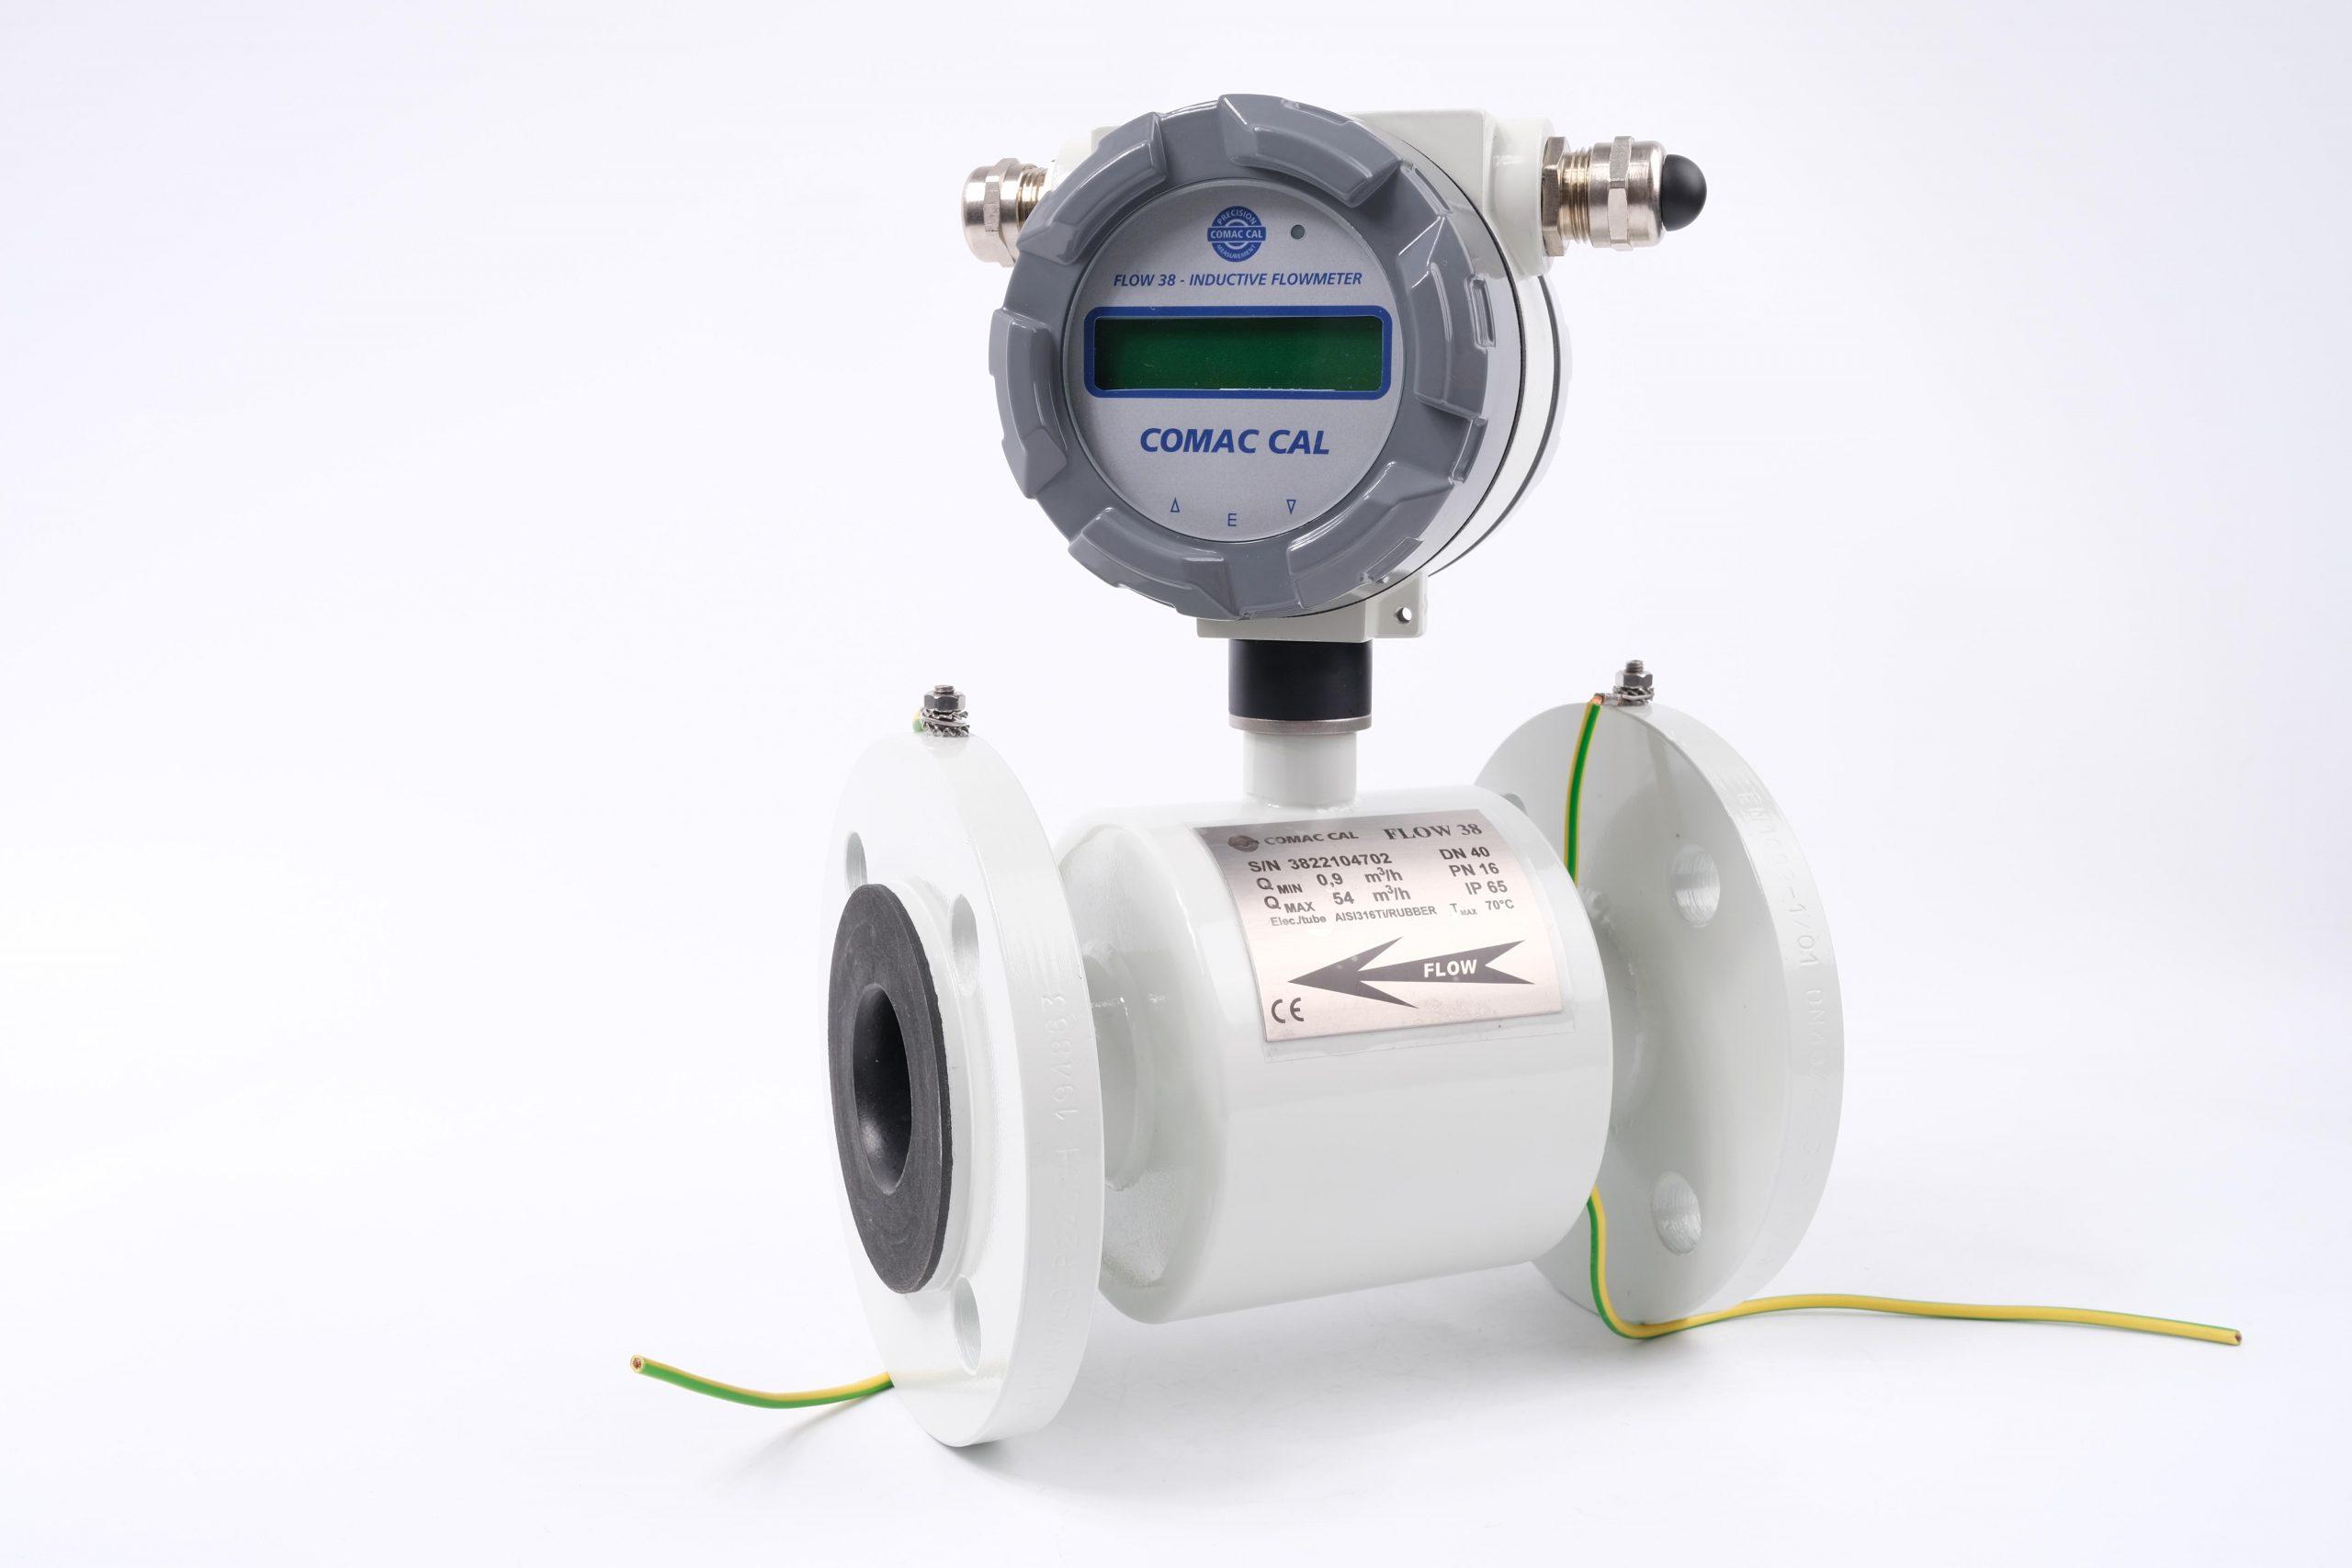 Đồng hồ đo lưu lượng Flow38 DN40